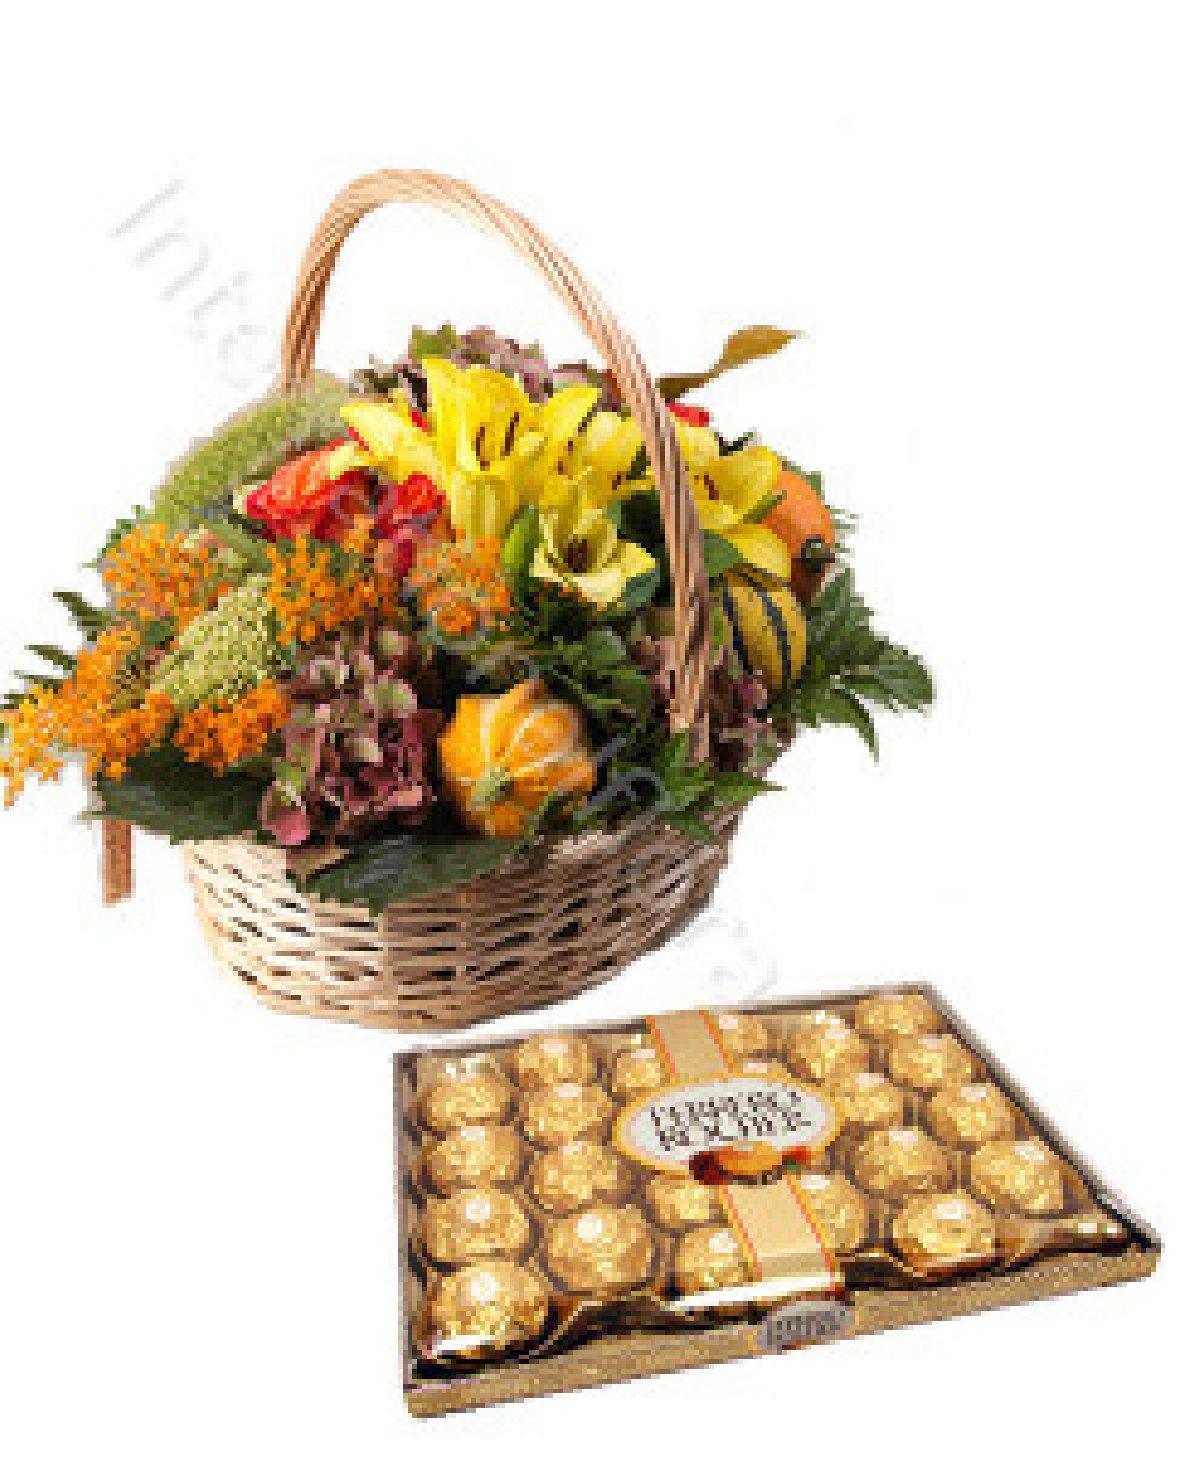 Floral Arrangement u0026 Gift Baskets  sc 1 st  Jamaica Classified Online & Floral Arrangement u0026 Gift Baskets for sale in Kingston Kingston St ...